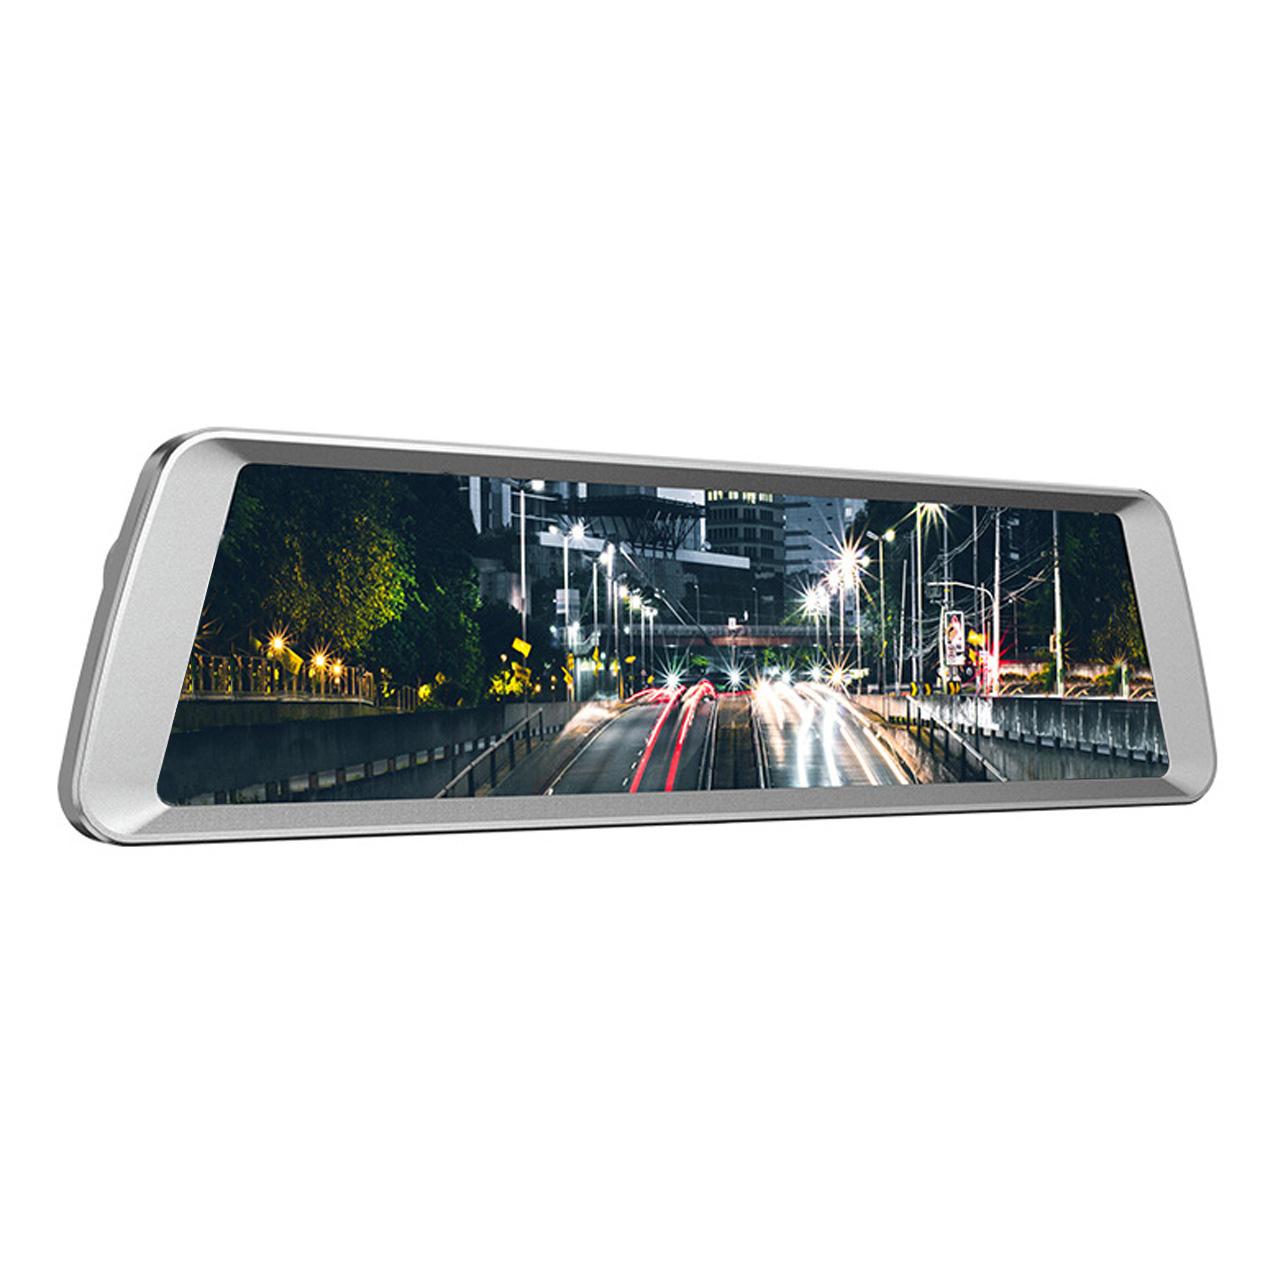 دوربین فیلم برداری خودرو AnyTek مدل T90